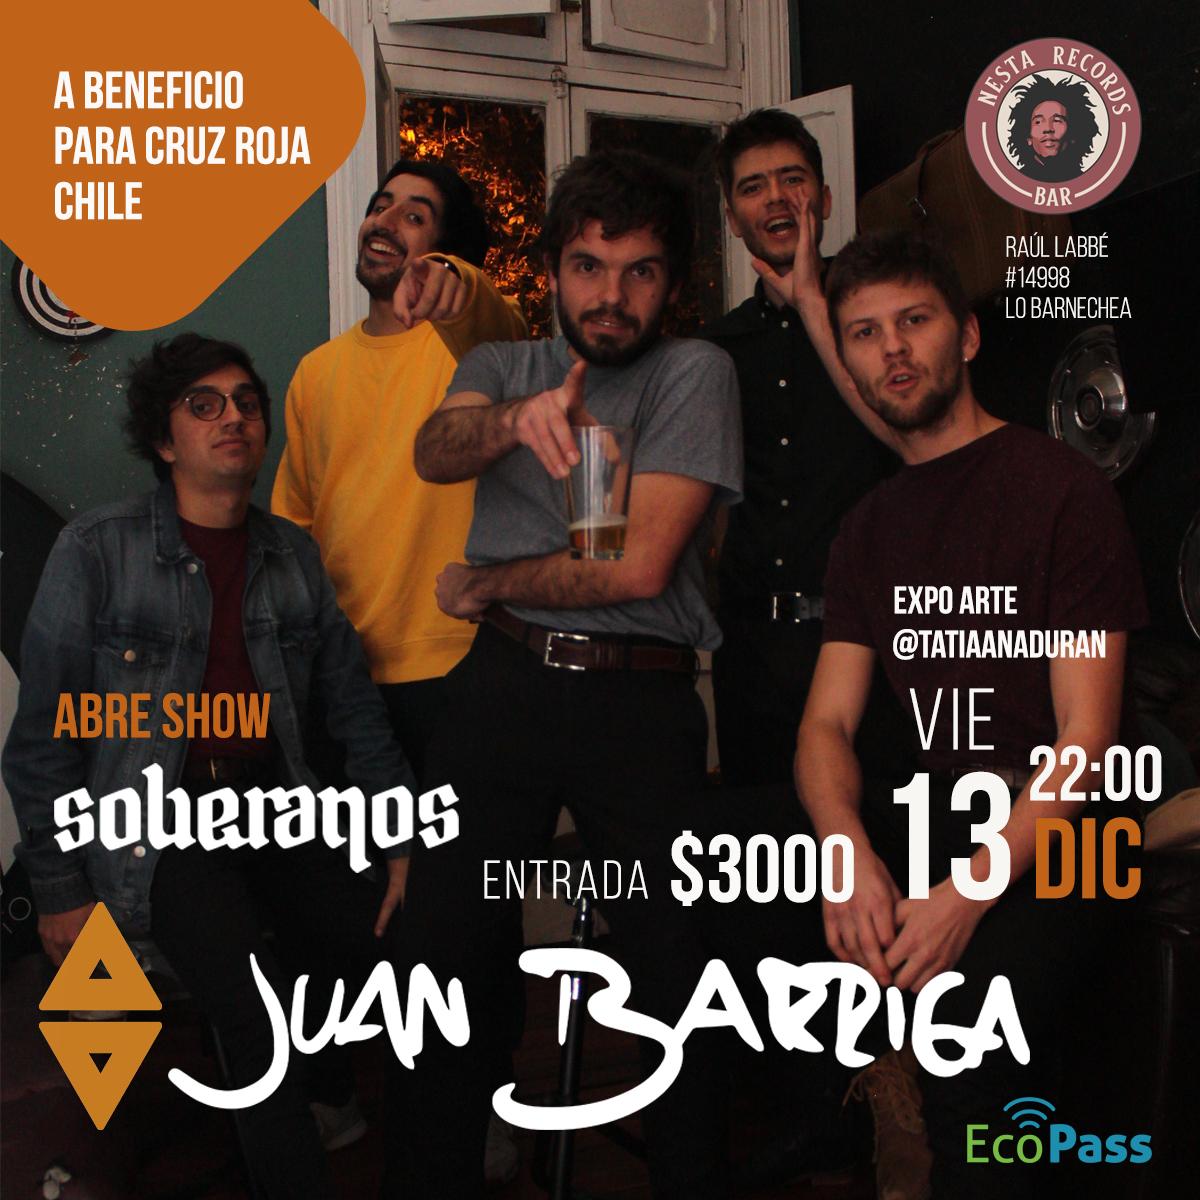 Juan barriga